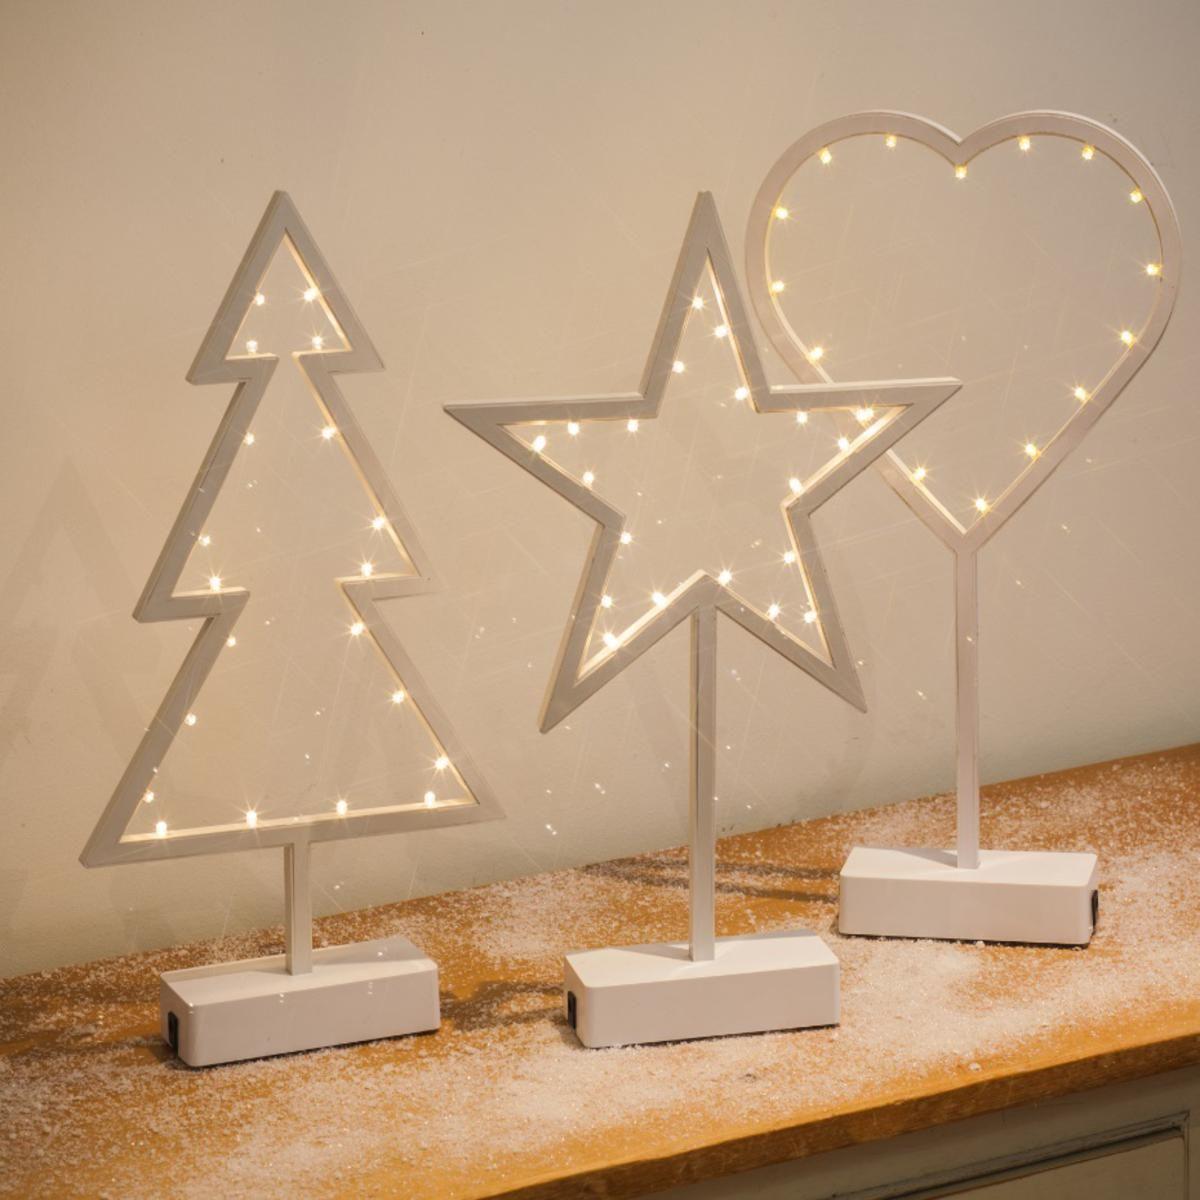 ukchristmasworld #barnsley #christmas #decoration #festive #display ...